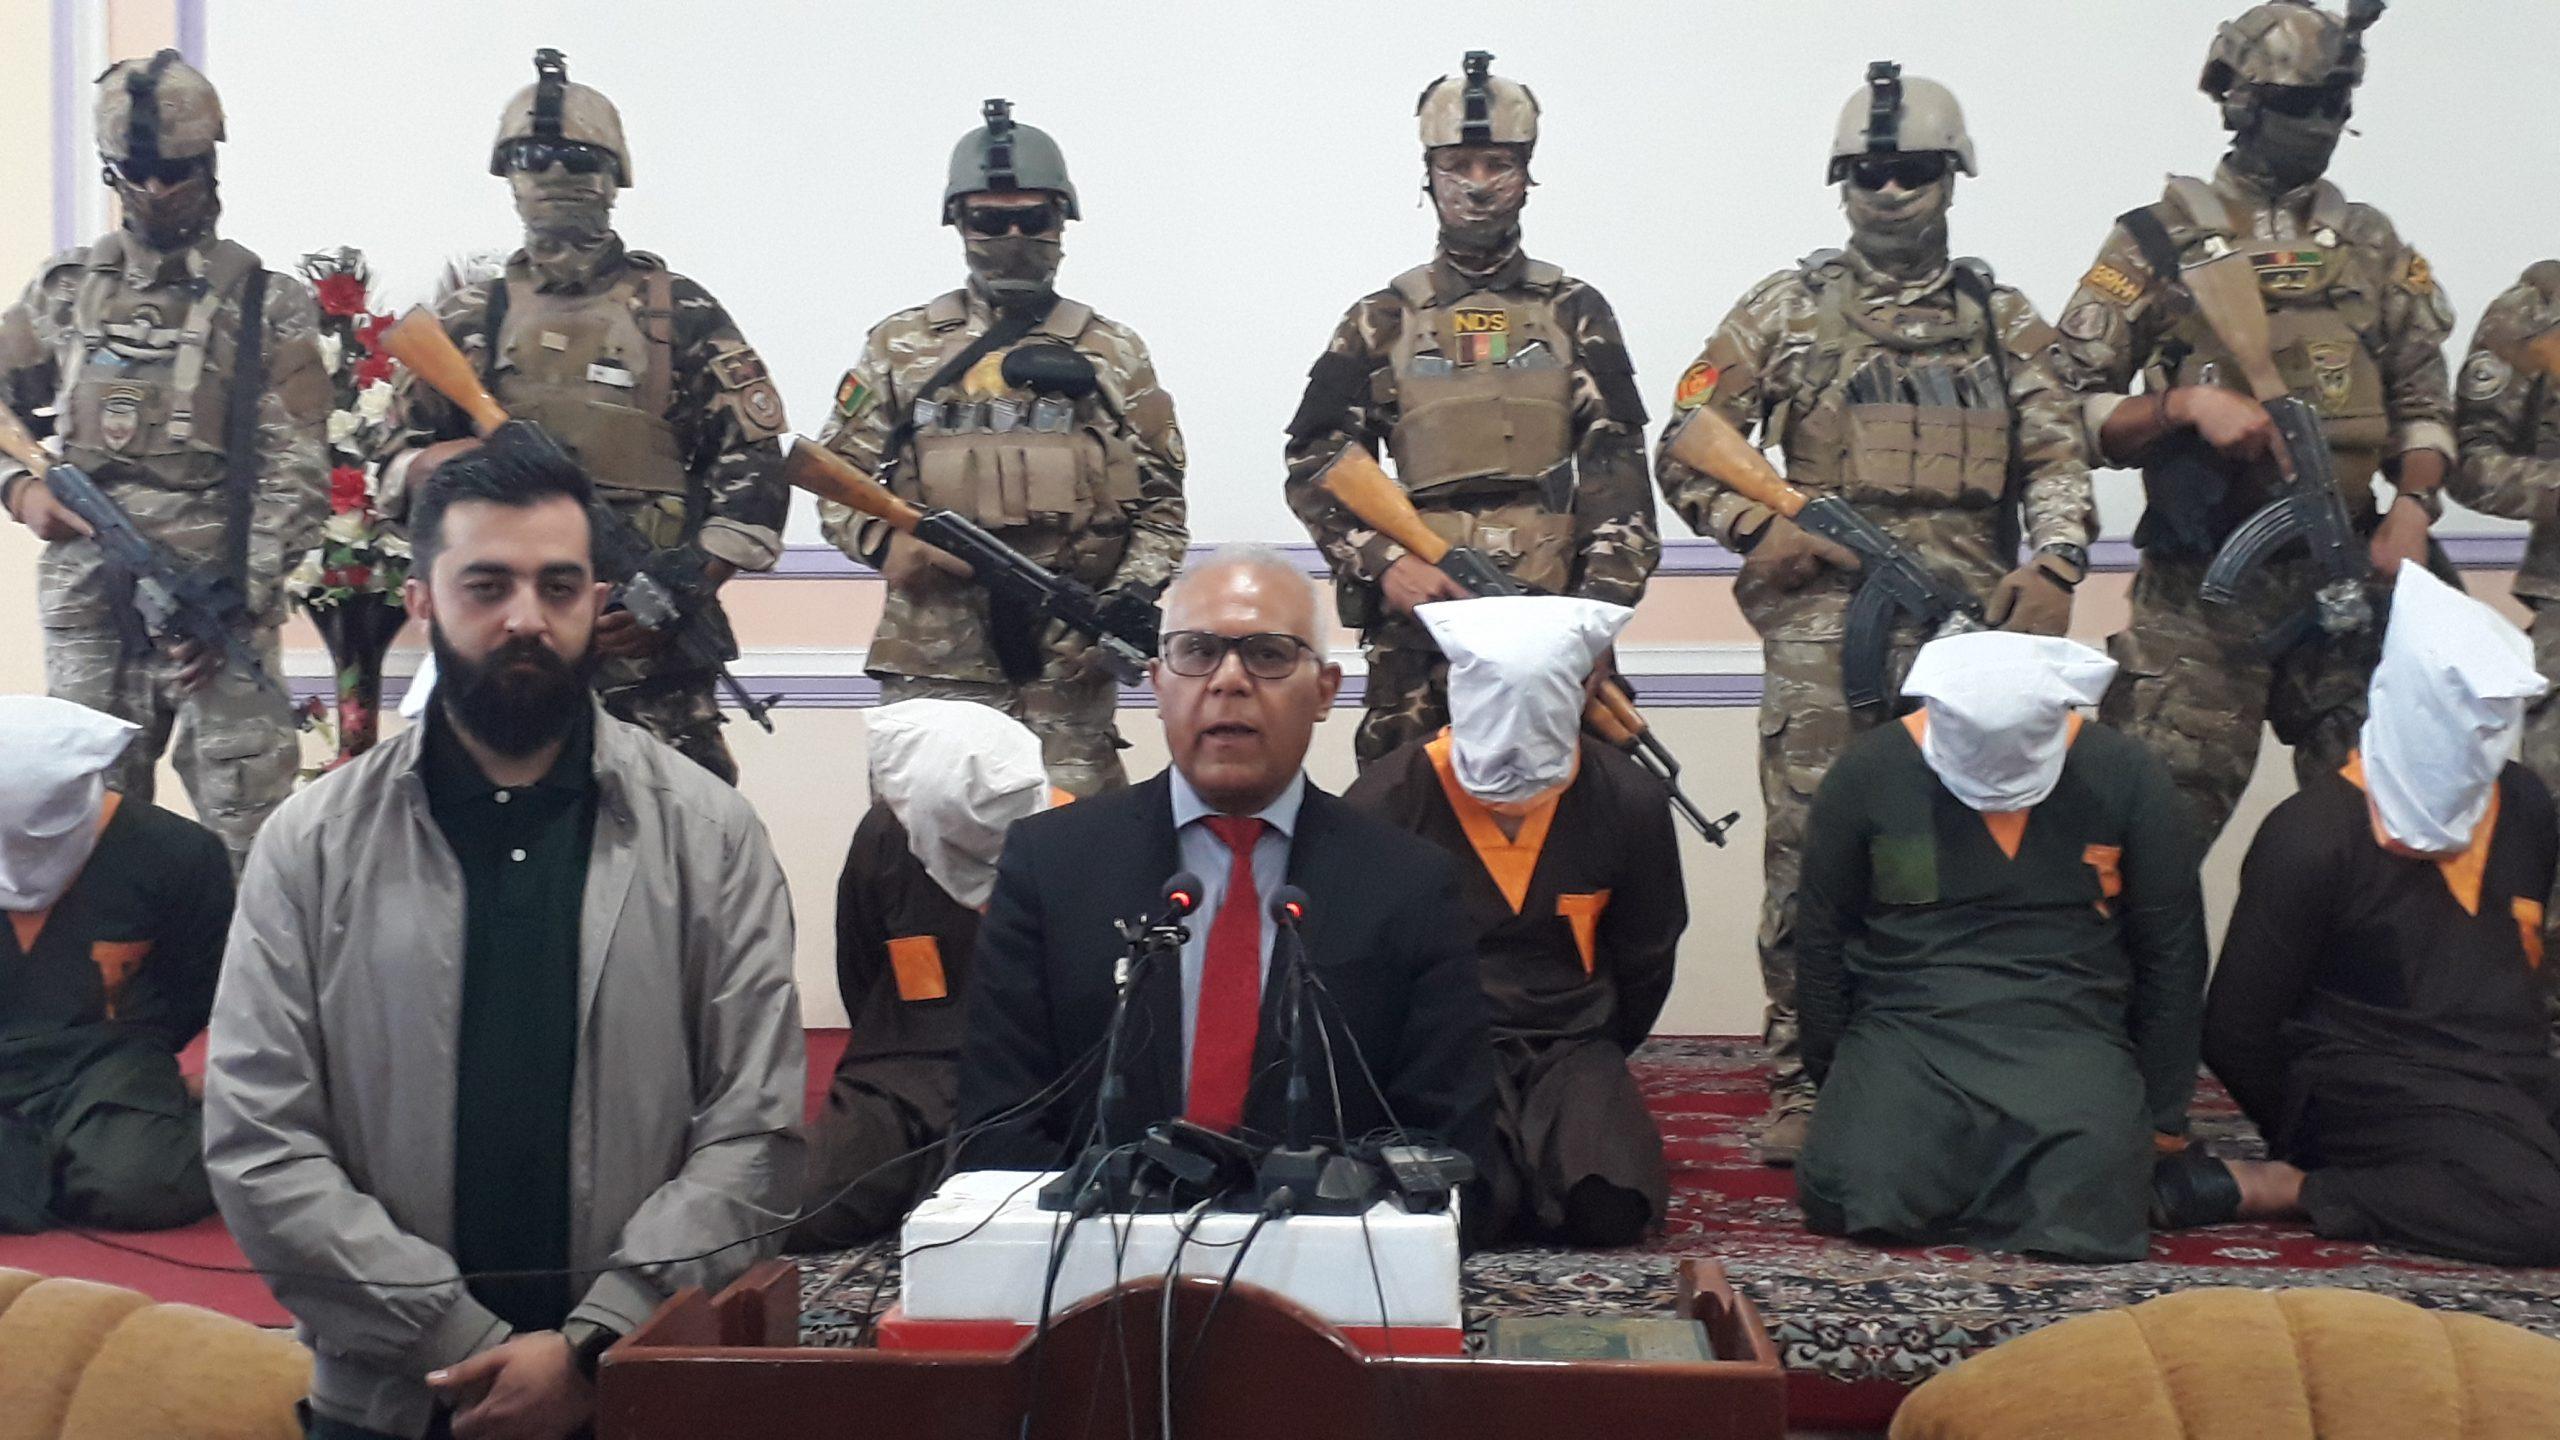 متلاشی شدن دو باند آدم ربایی در هرات/رهایی یک عالم دین از دام این افراد